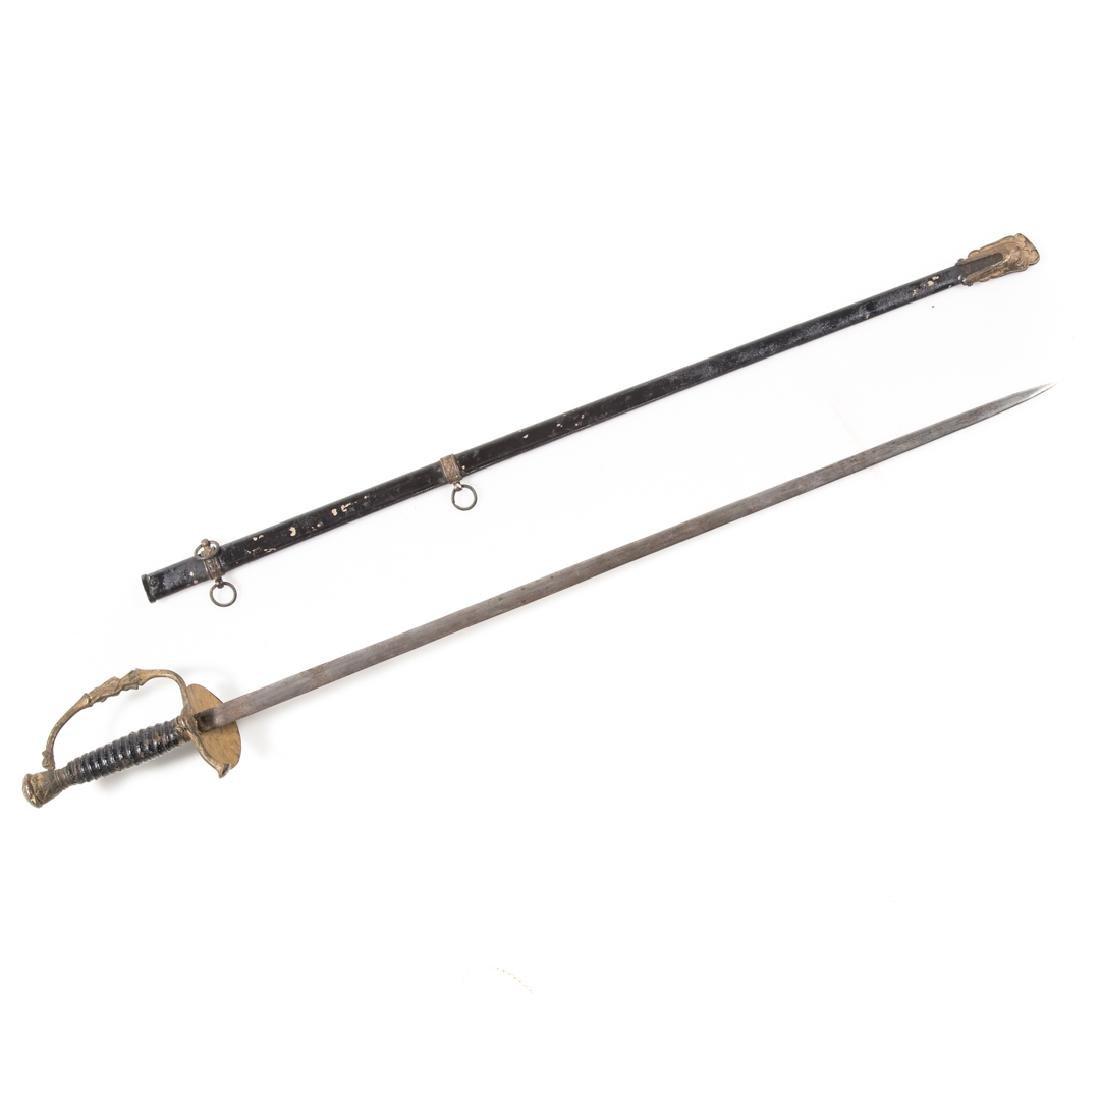 Model 1860 Civil War officer's sword